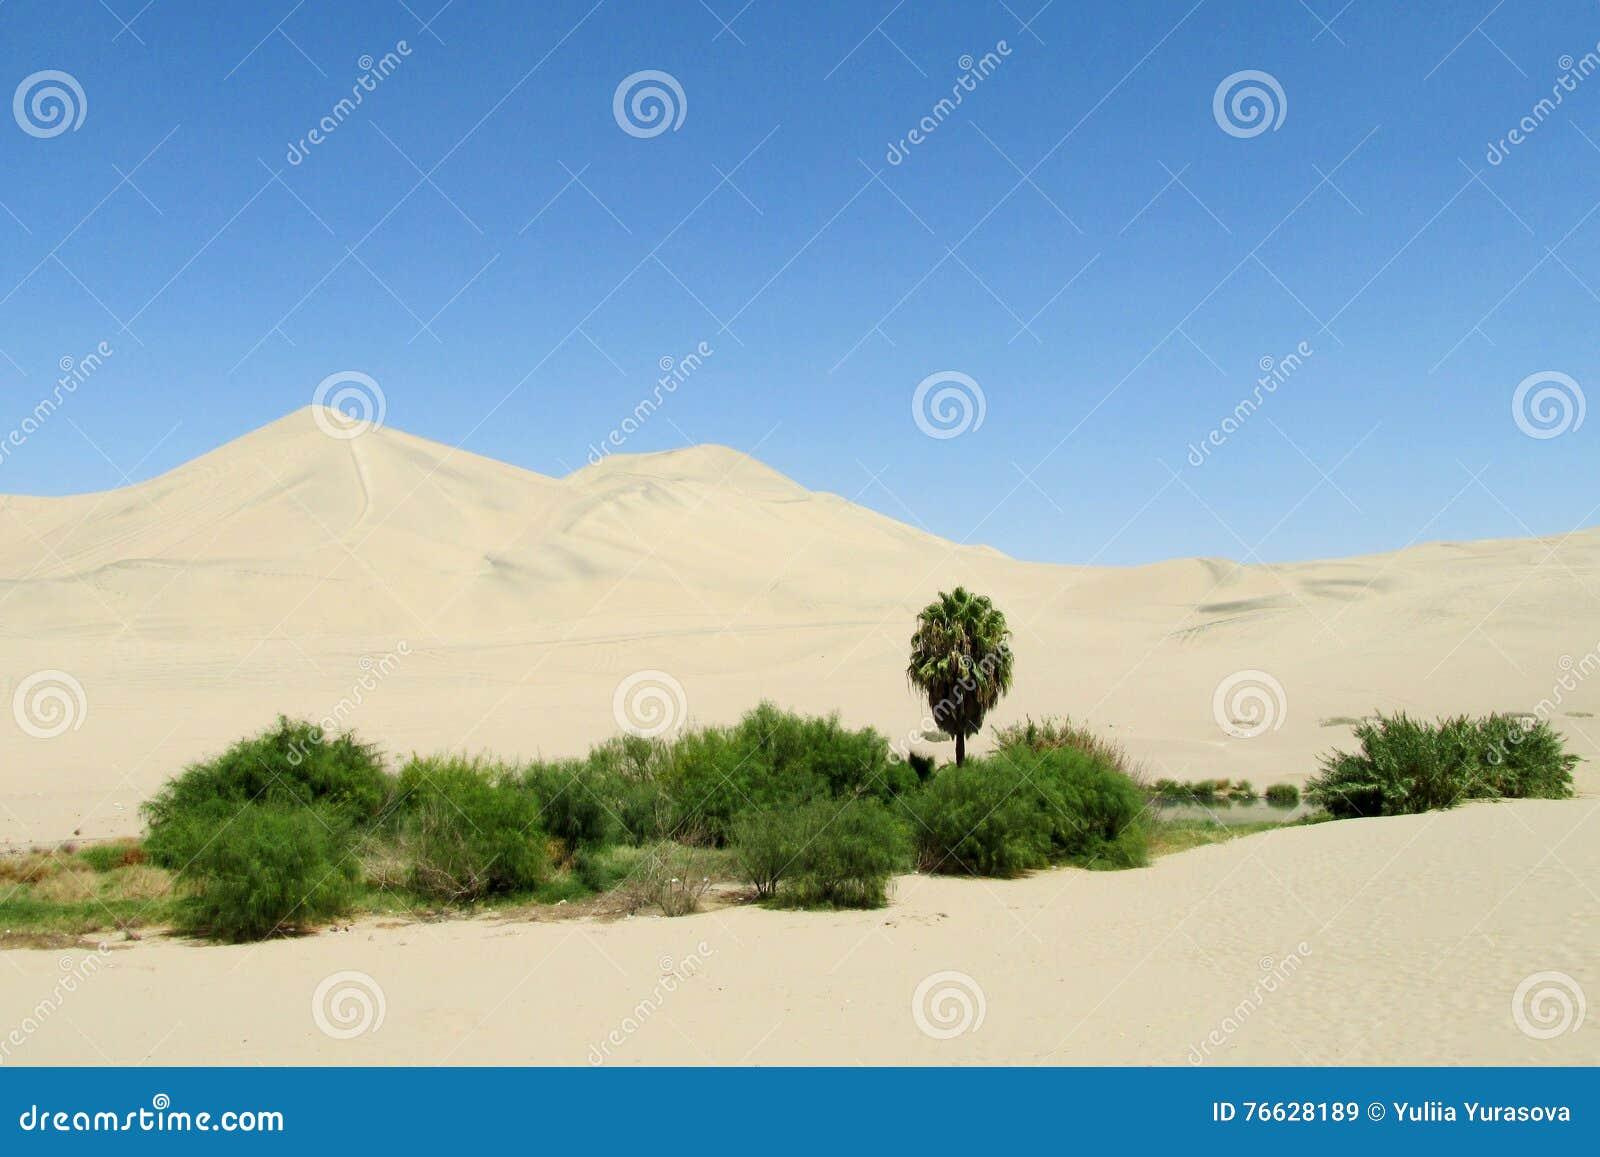 De duinen van de zandwoestijn en groene oase met struiken en palm